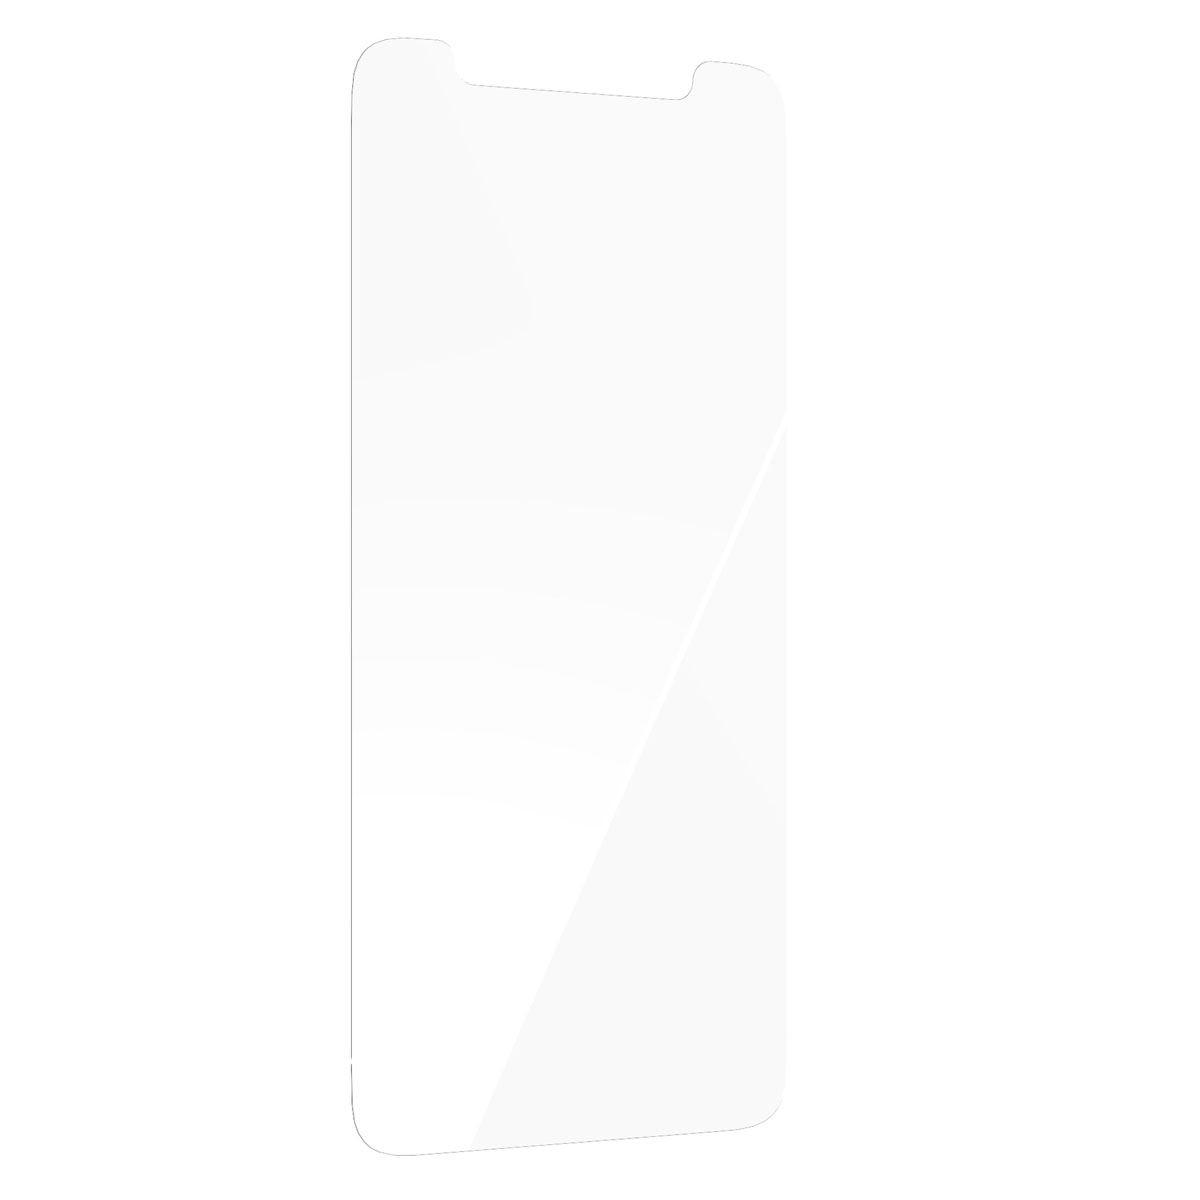 Mica TECH21 Iphone X impact shield